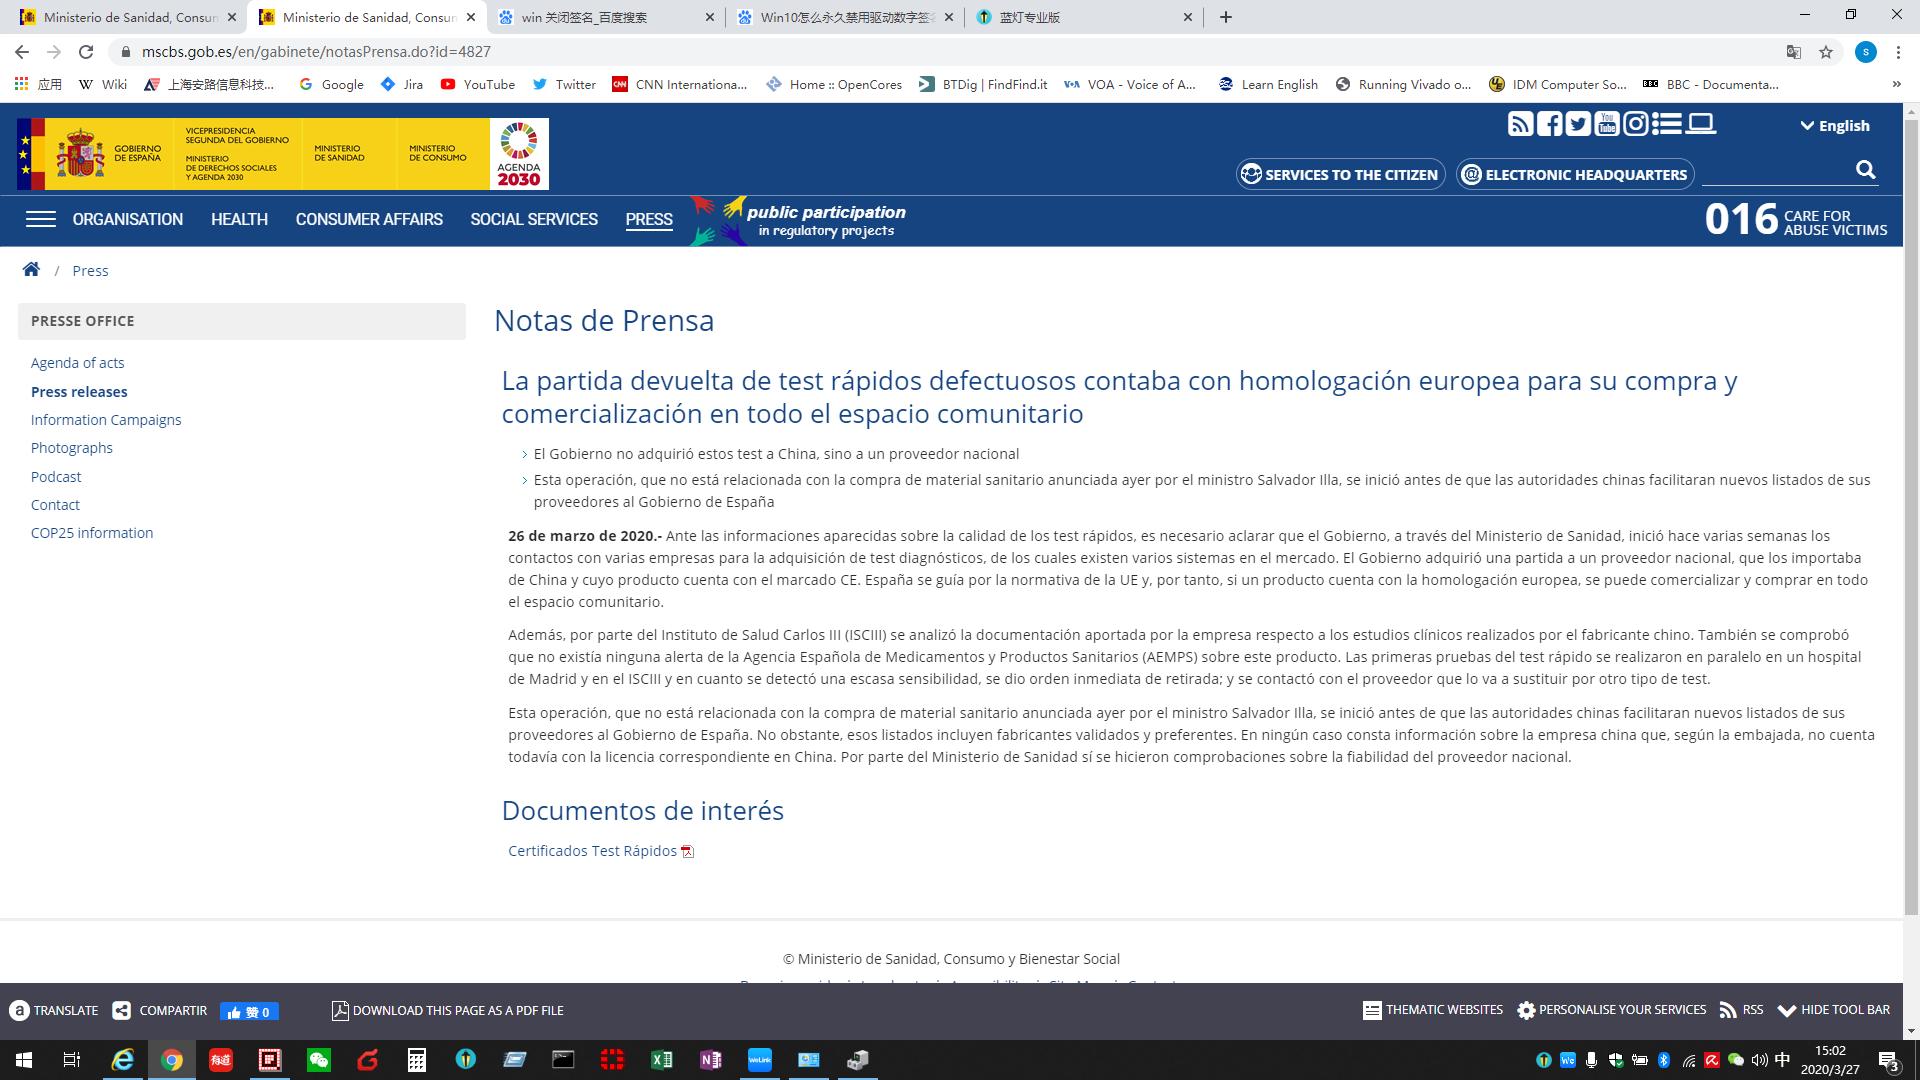 """新北回應""""易瑞生物賣西班牙檢測試劑效力低"""":啓動疾速核對圖片"""